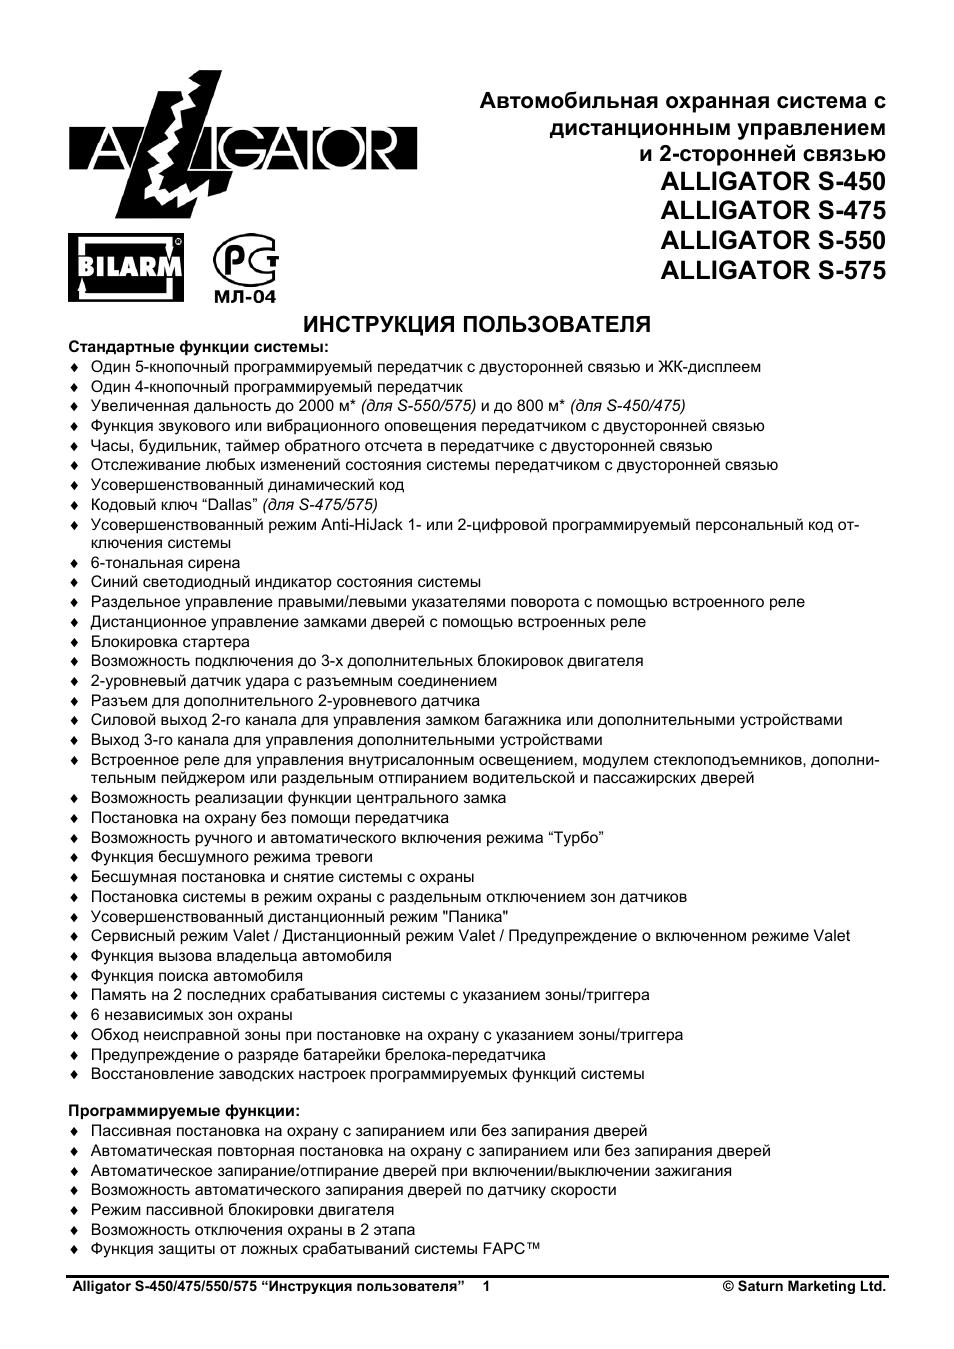 alligator s-550 инструкция